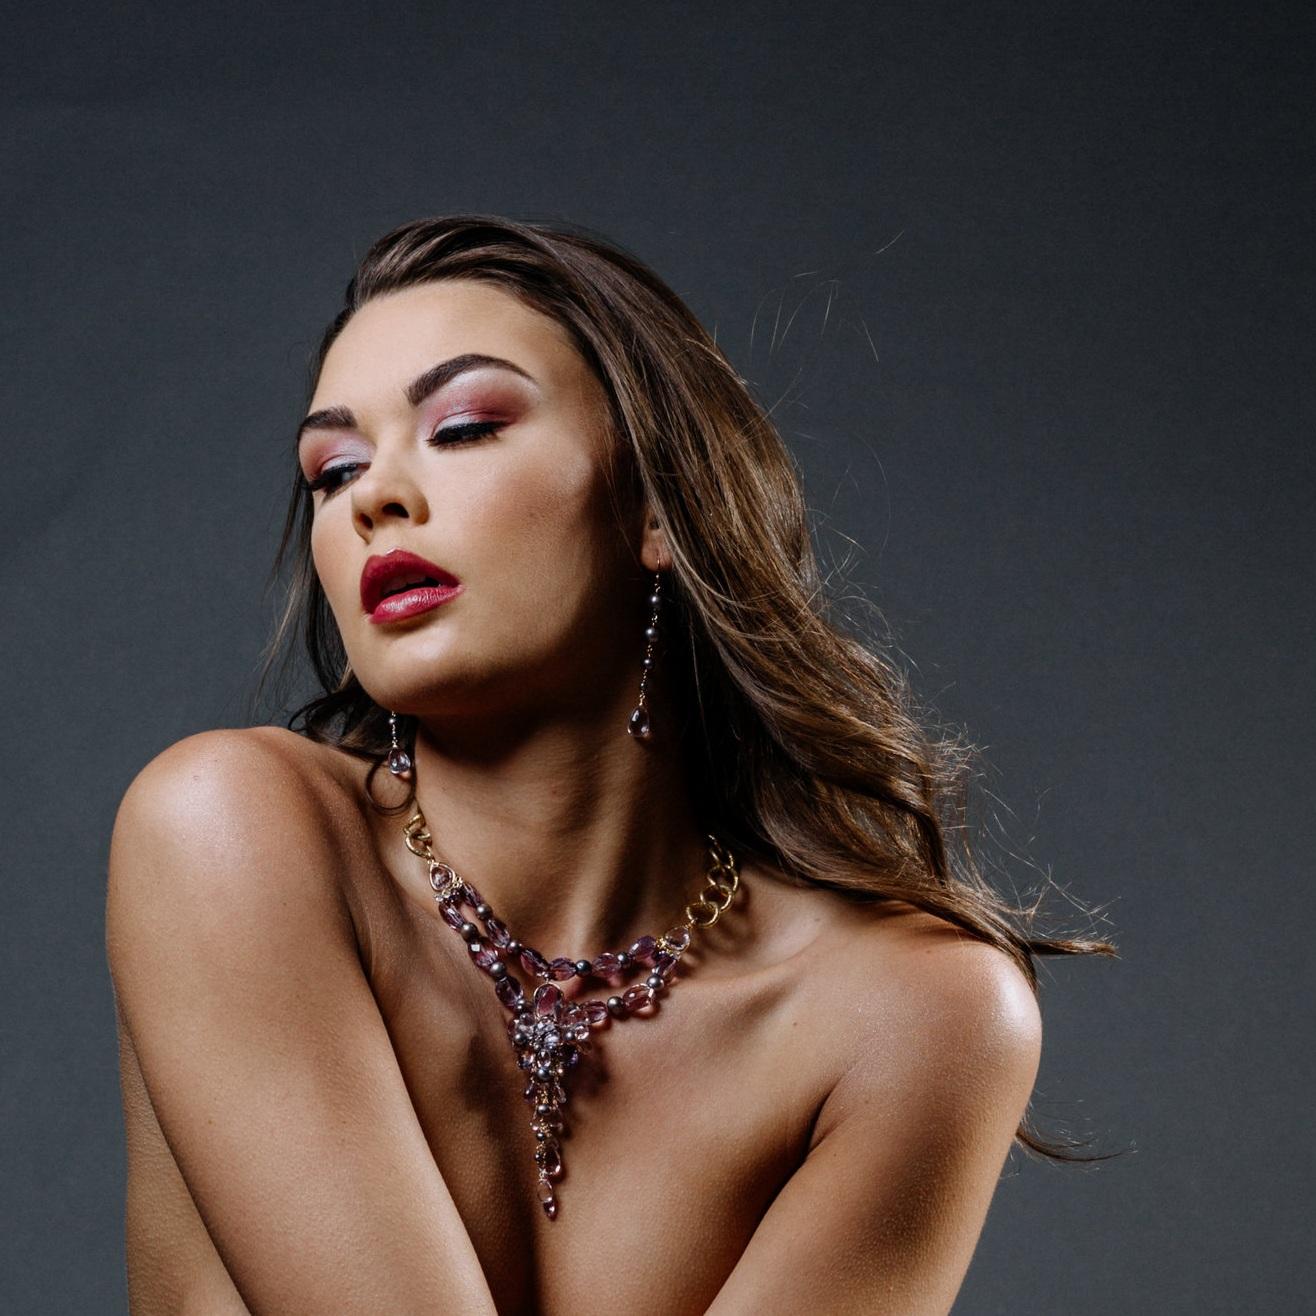 model wearing an ametrine, amethyst, pink amethyst, pearl multi drop statement necklace